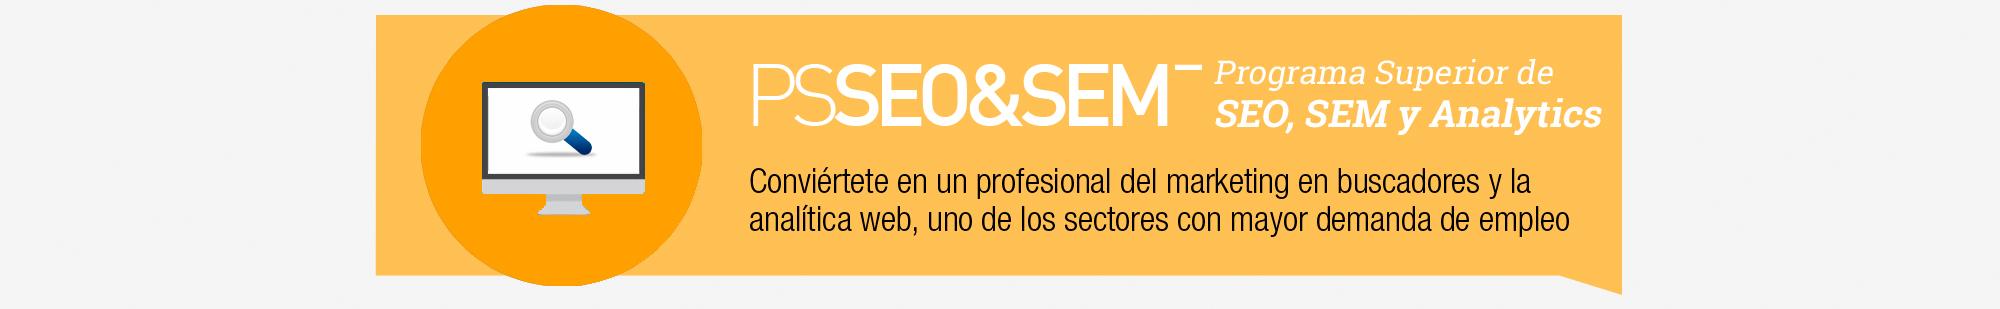 Curso de SEO, SEM y Analytics